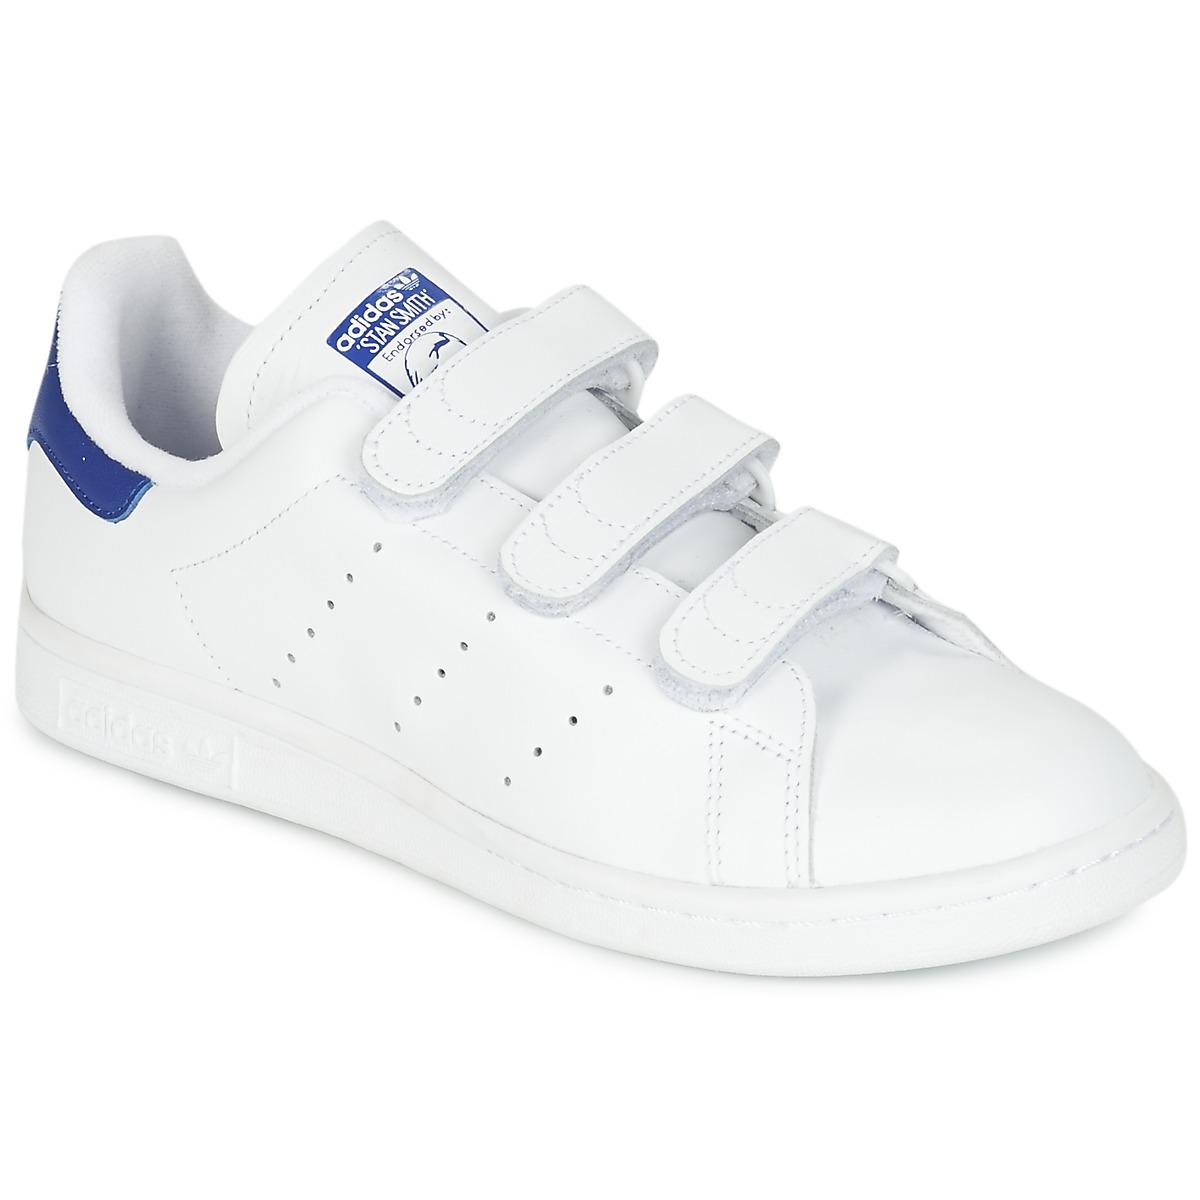 adidas Originals STAN SMITH CF Weiss / Blau - Kostenloser Versand bei Spartoode ! - Schuhe Sneaker Low  76,00 €